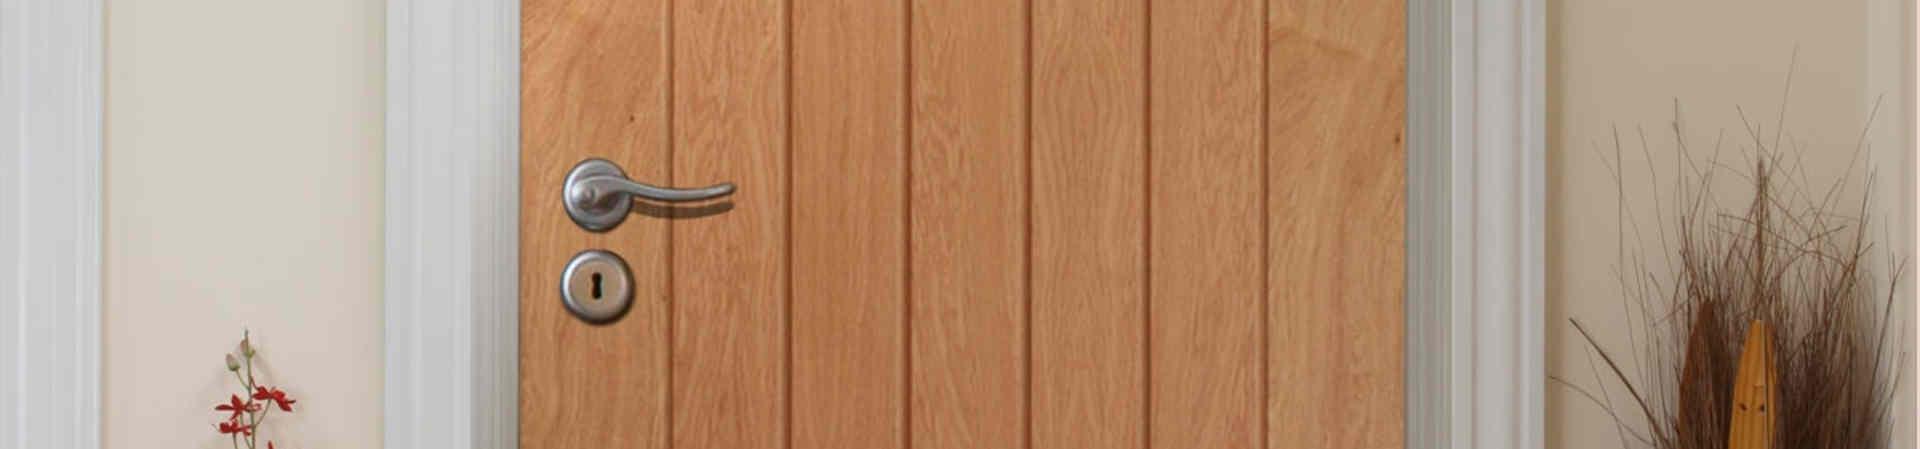 Presupuesto lacar puertas de haya las torres de cotillas for Presupuesto puertas de madera